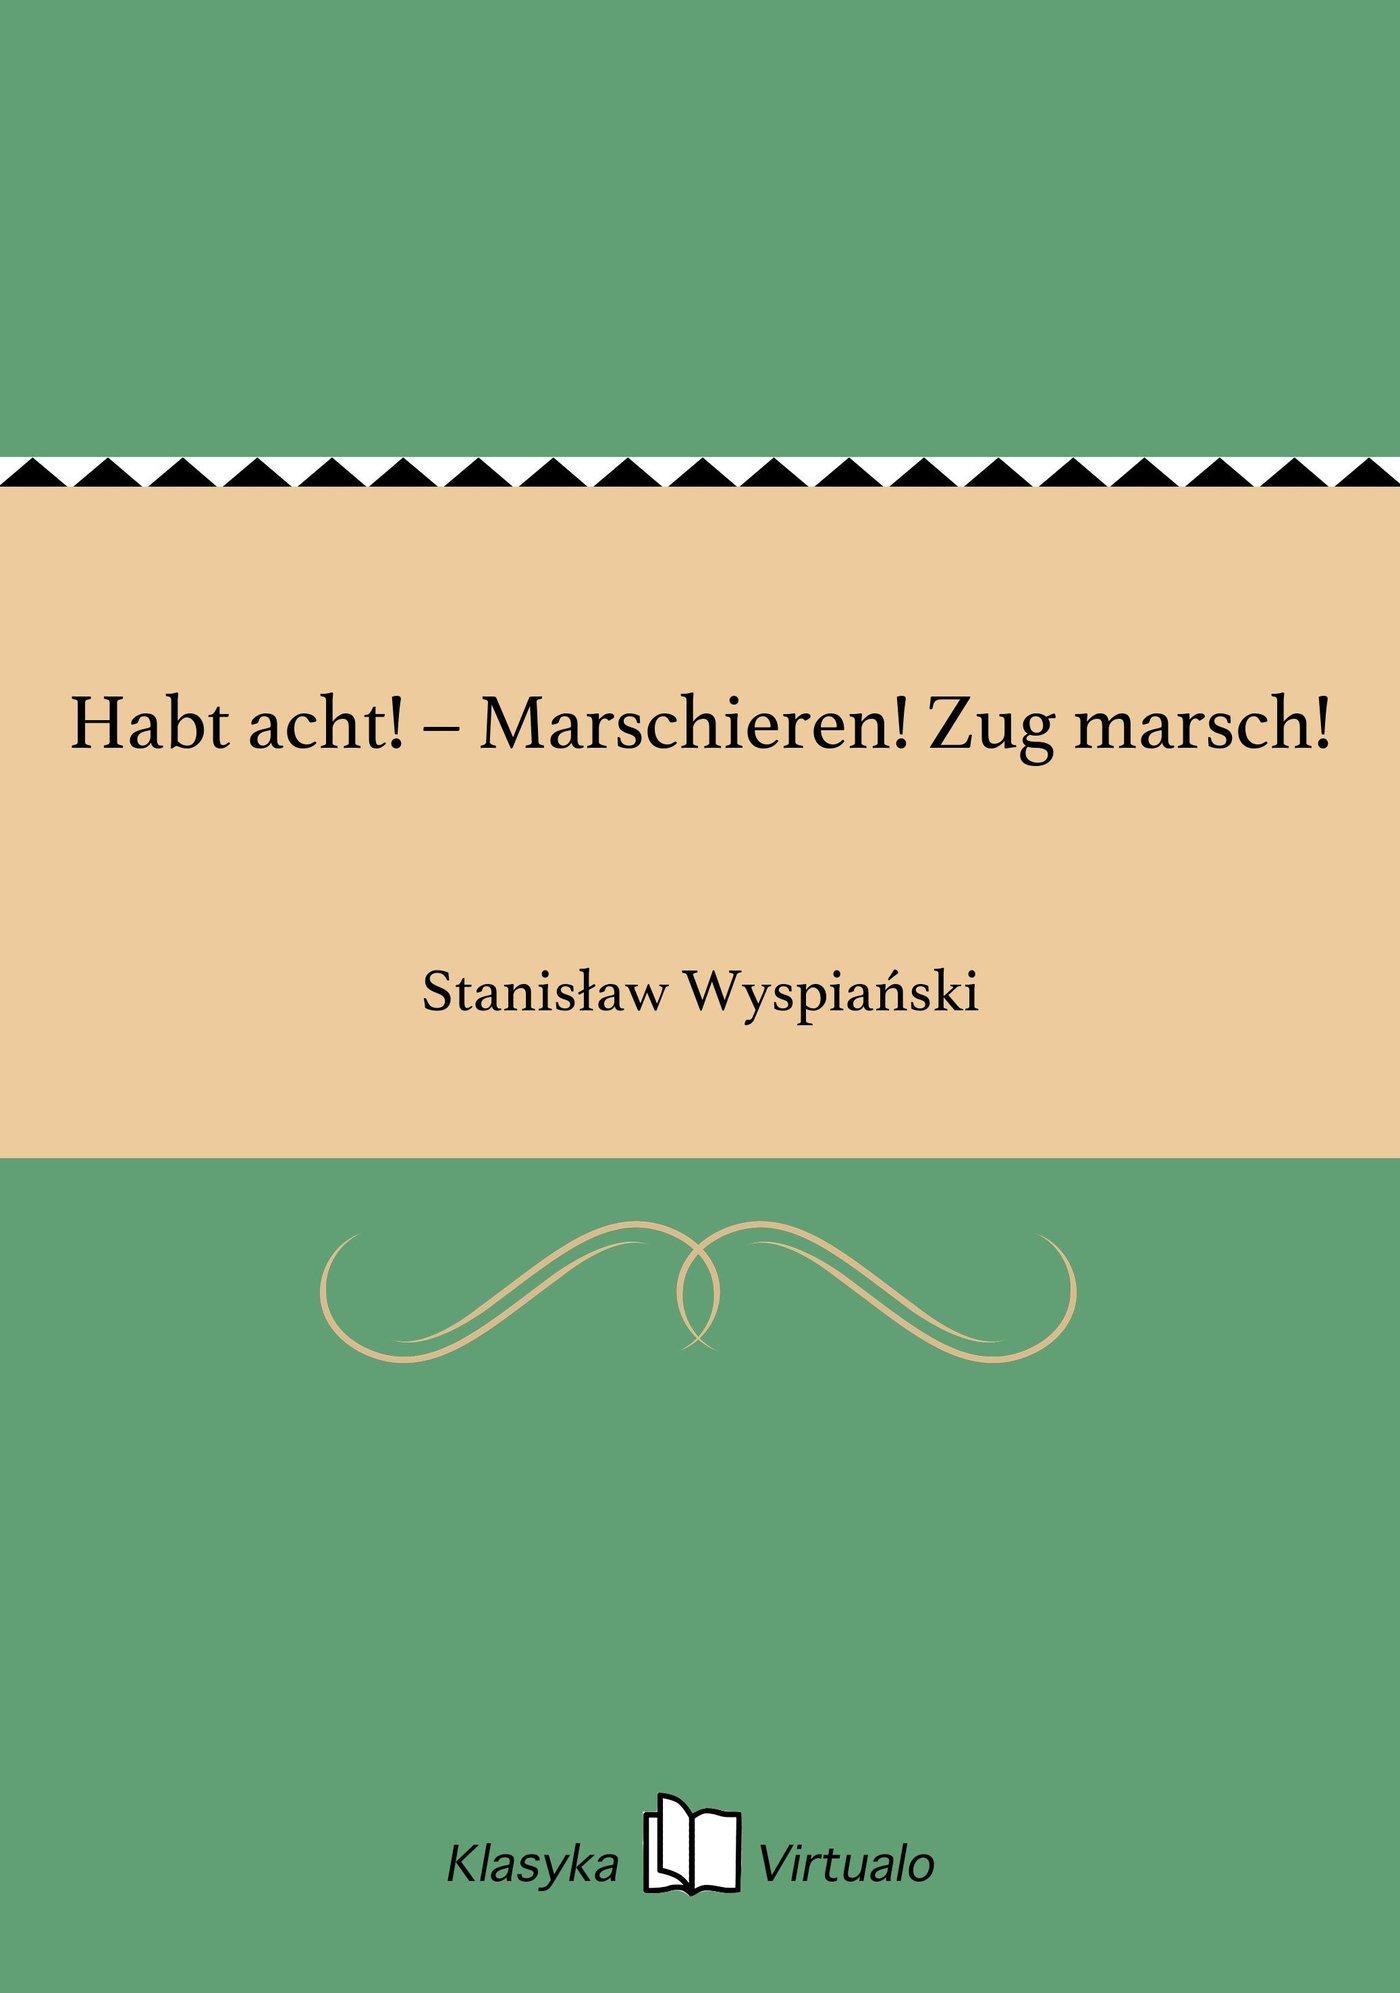 Habt acht! – Marschieren! Zug marsch! - Ebook (Książka EPUB) do pobrania w formacie EPUB